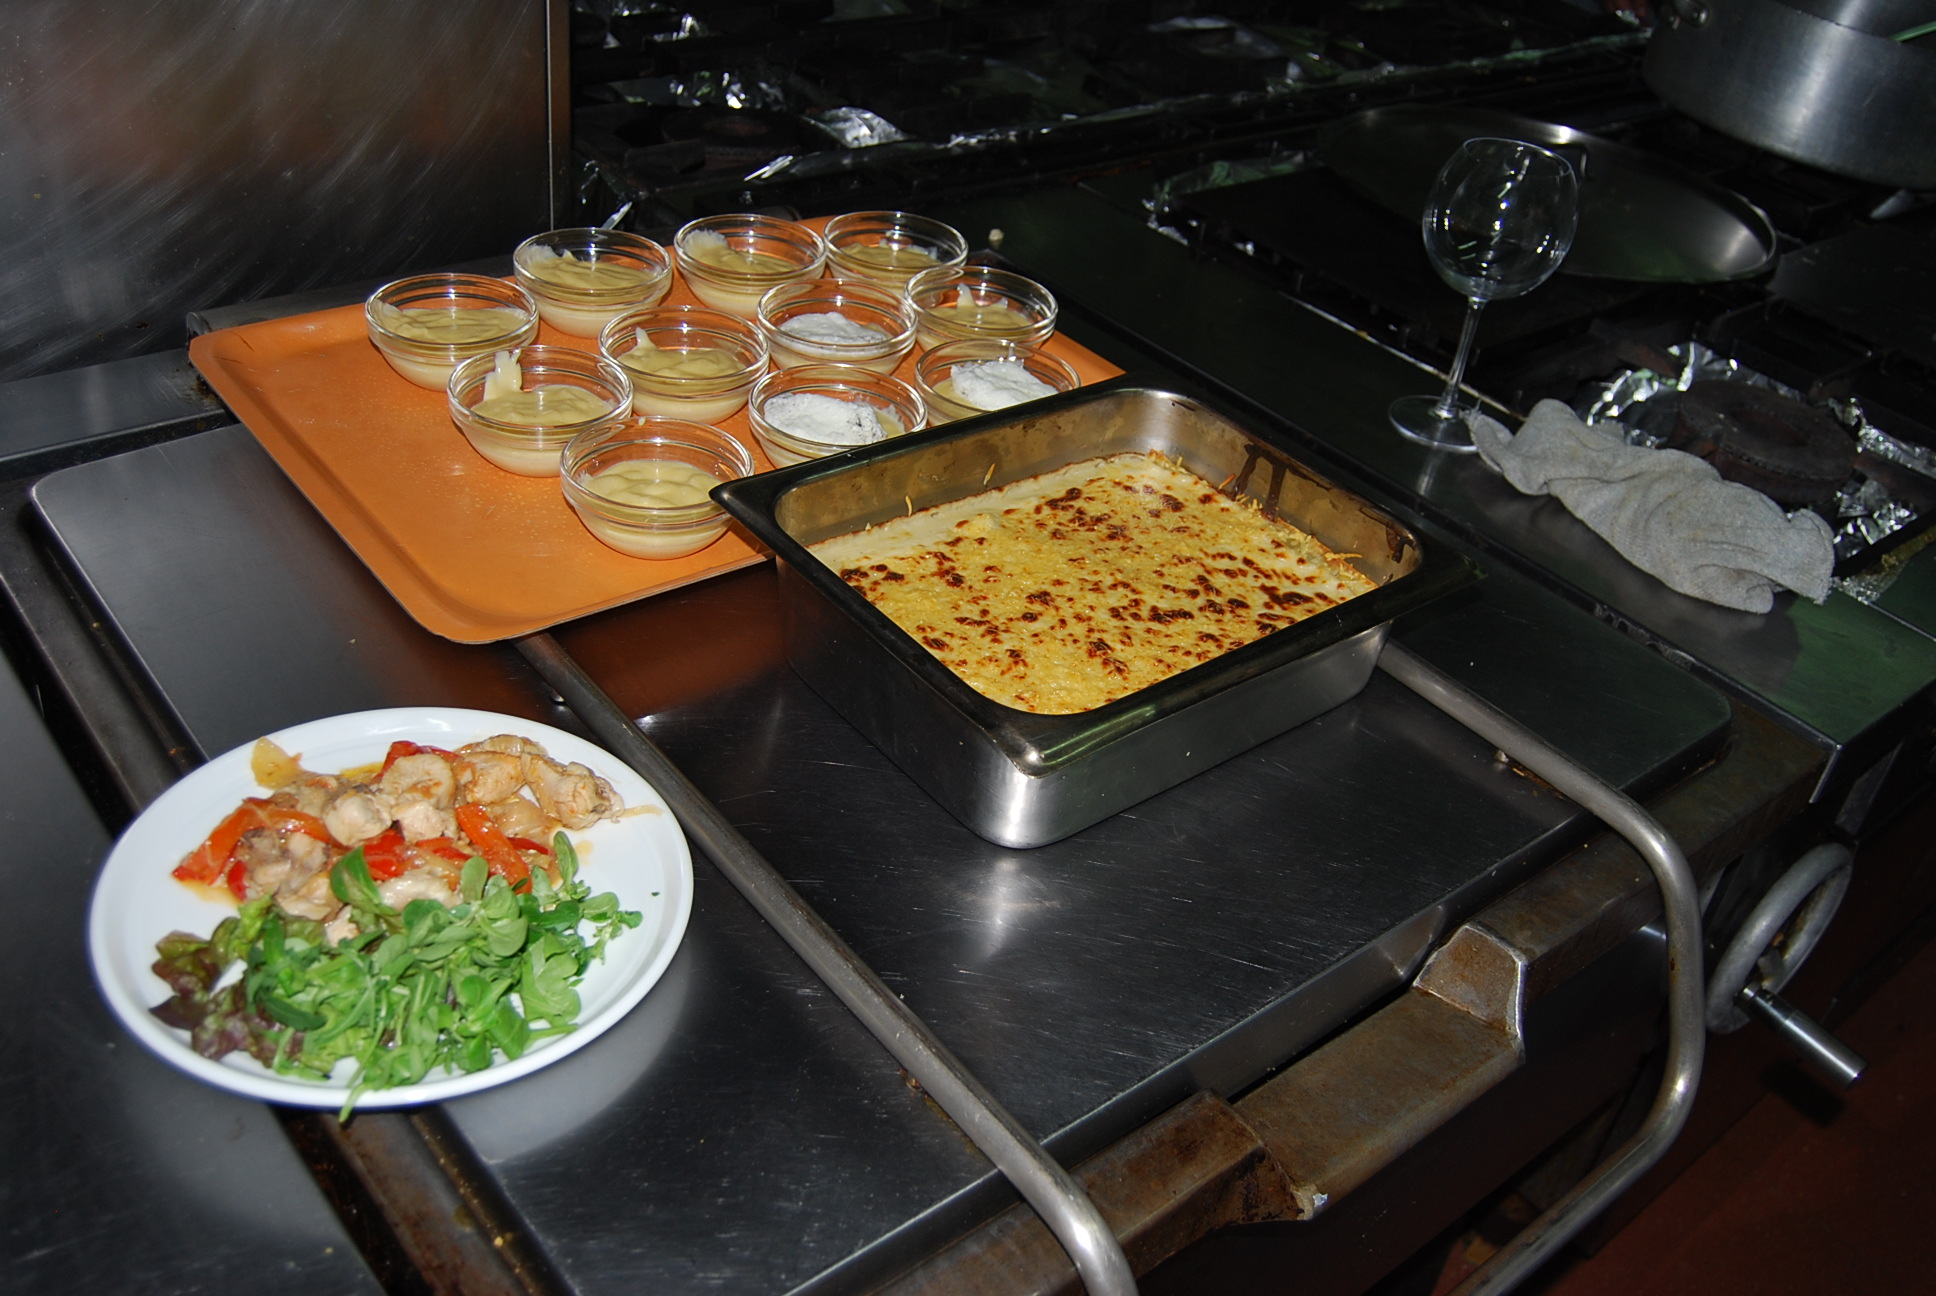 Taller de cocina 296 red espa ola de universidades for Taller de cocina teruel